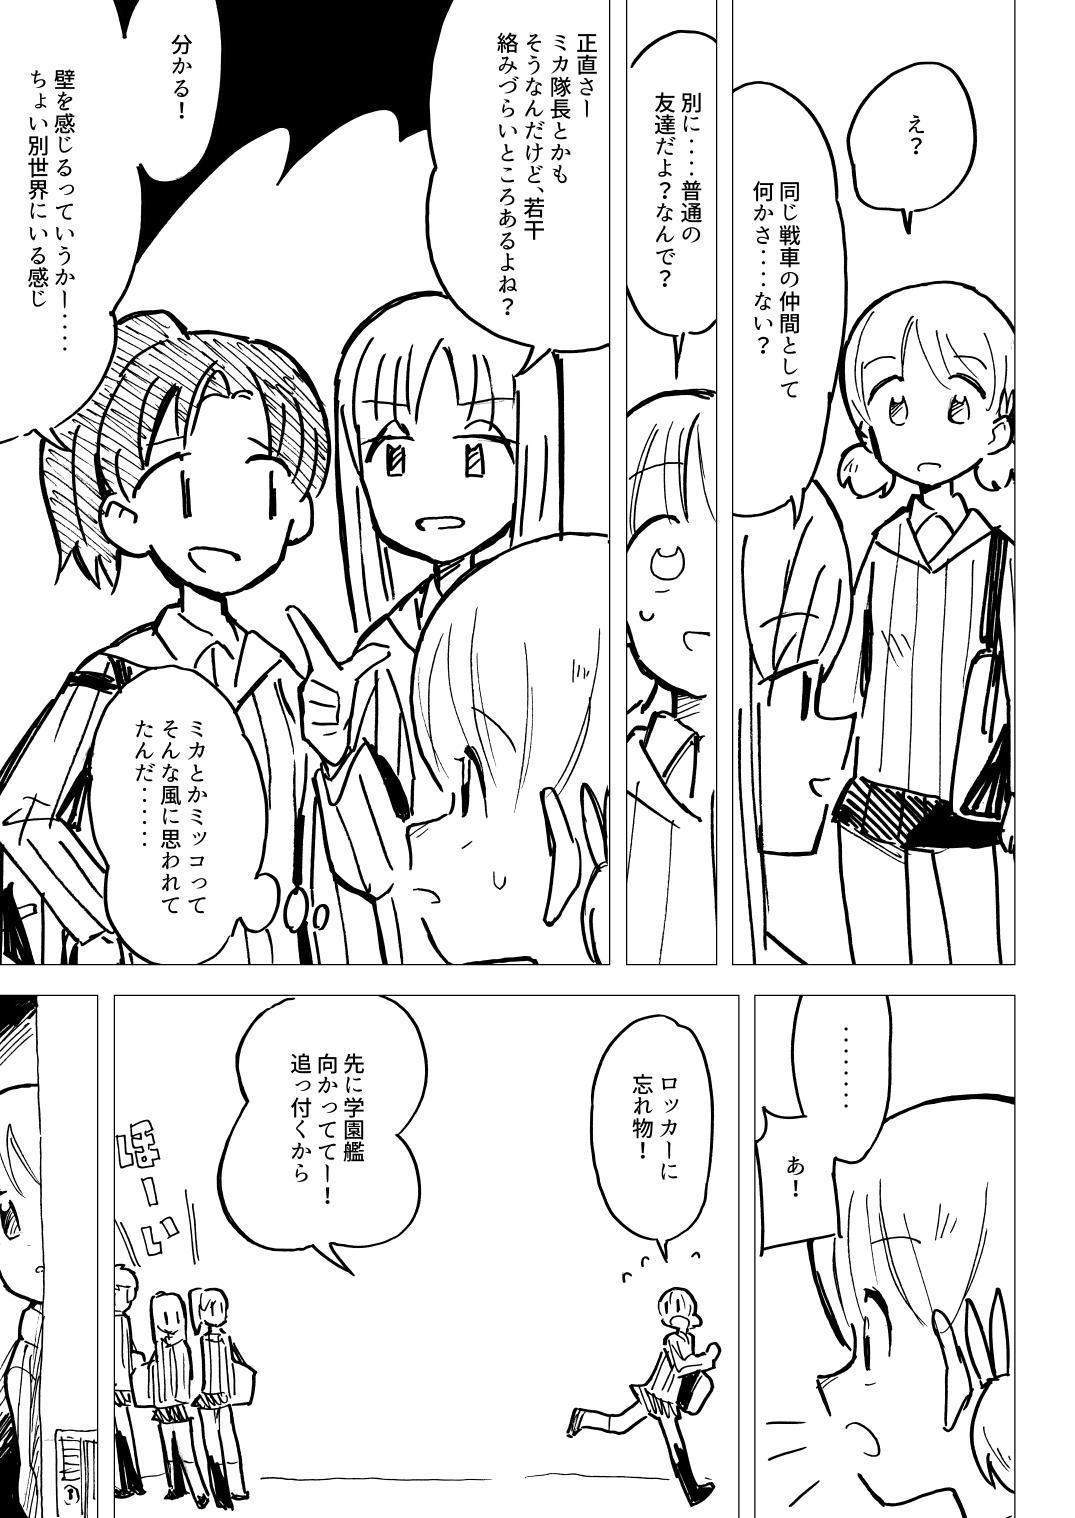 Nee Aki Kocchi Muite + 1 3